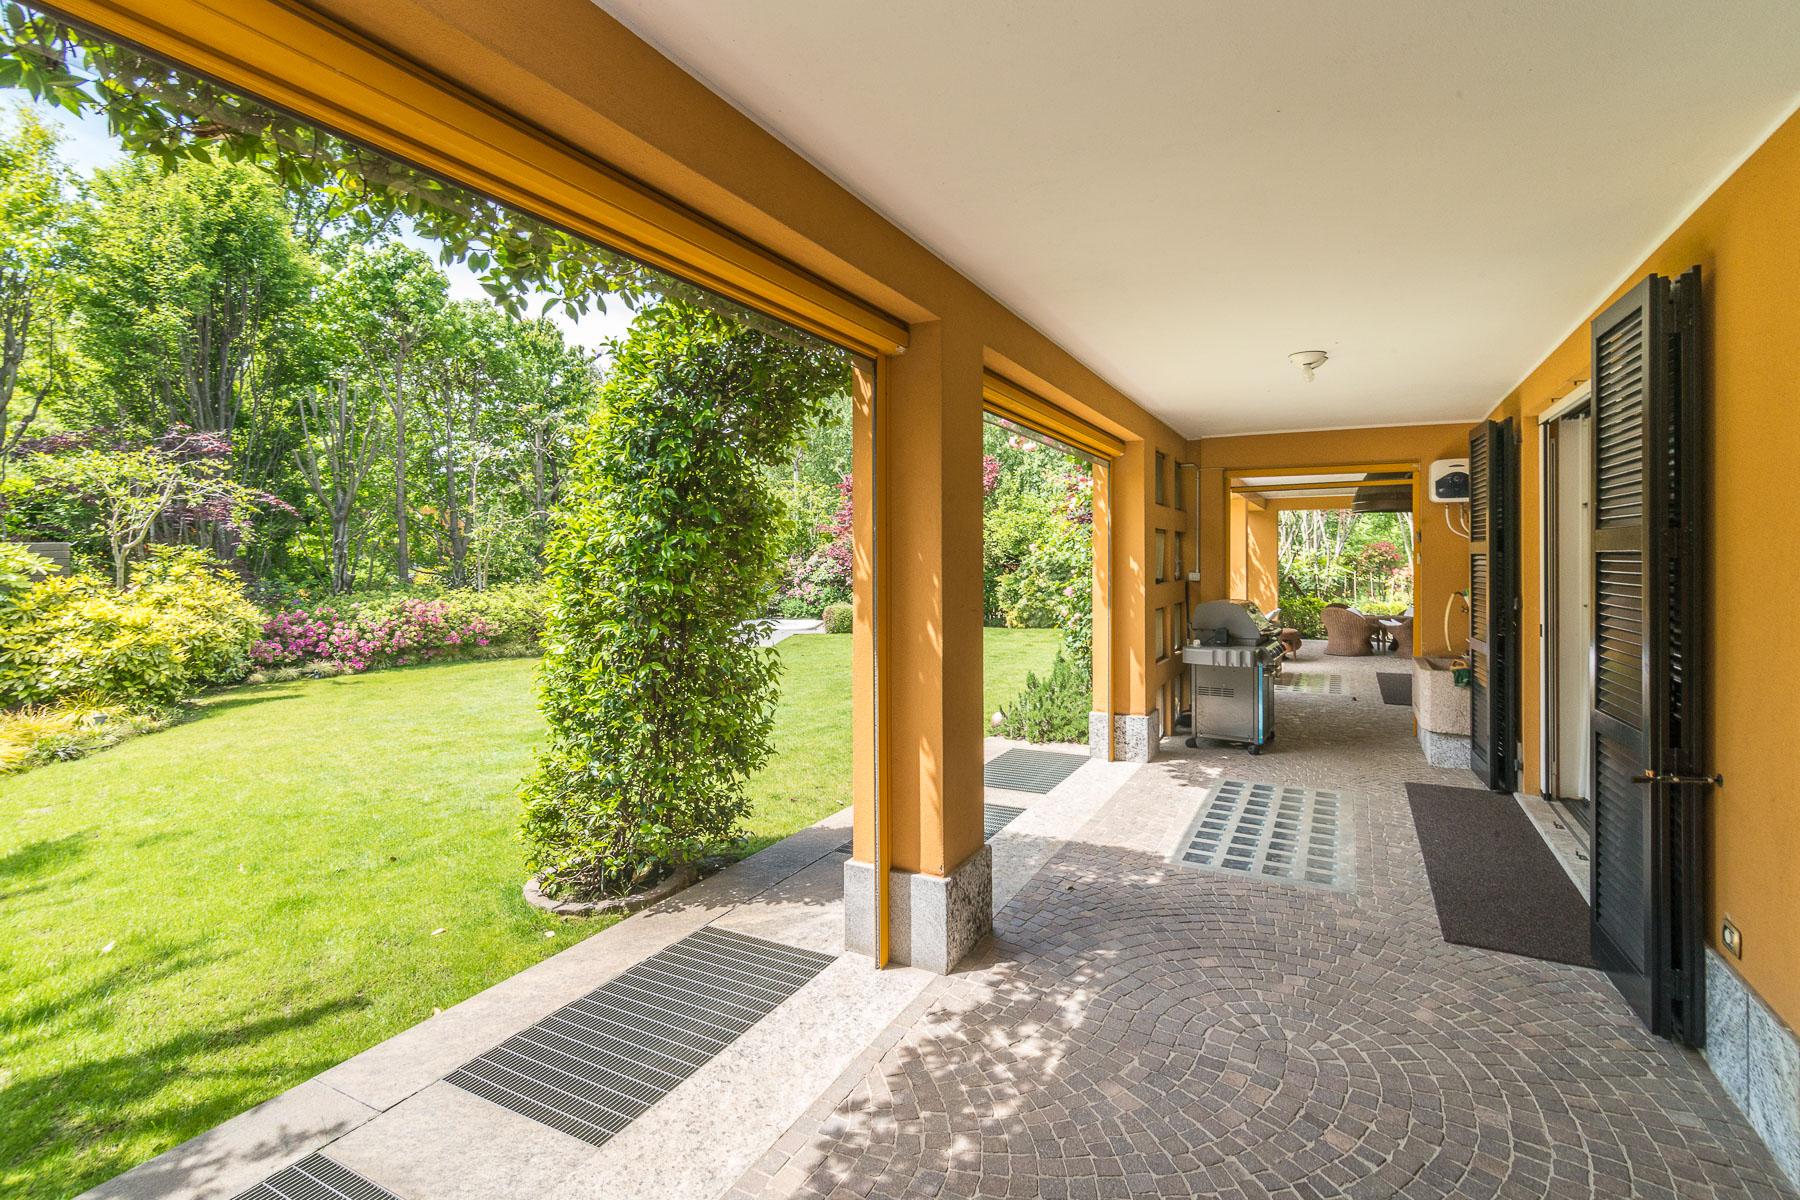 Villa in Vendita a Agrate Conturbia: 5 locali, 300 mq - Foto 7